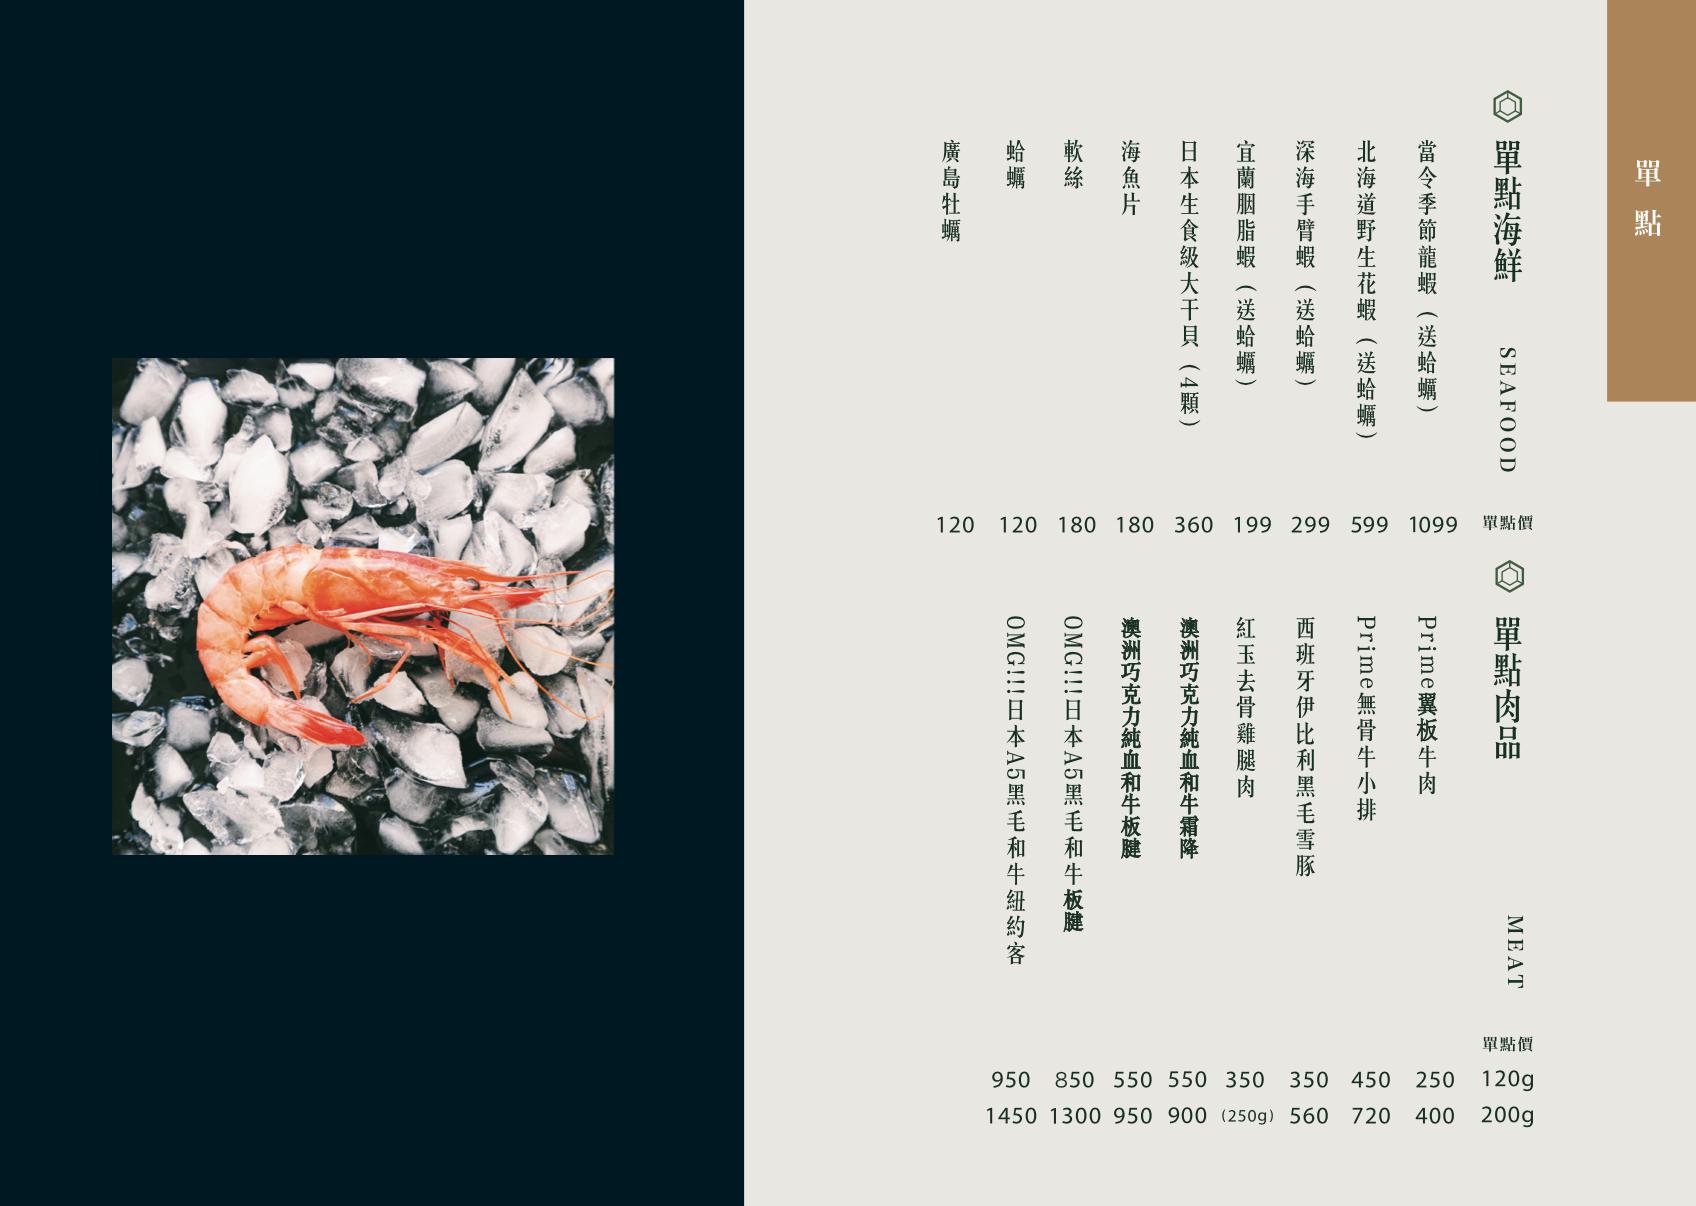 [高雄]花花世界鍋物左營旗艦店-超殺五倍加碼優惠~滿6000送2000! IG超紅浮誇叢林系高雄火鍋店~必吃蝦皇鍋煮龍蝦粥 @美食好芃友